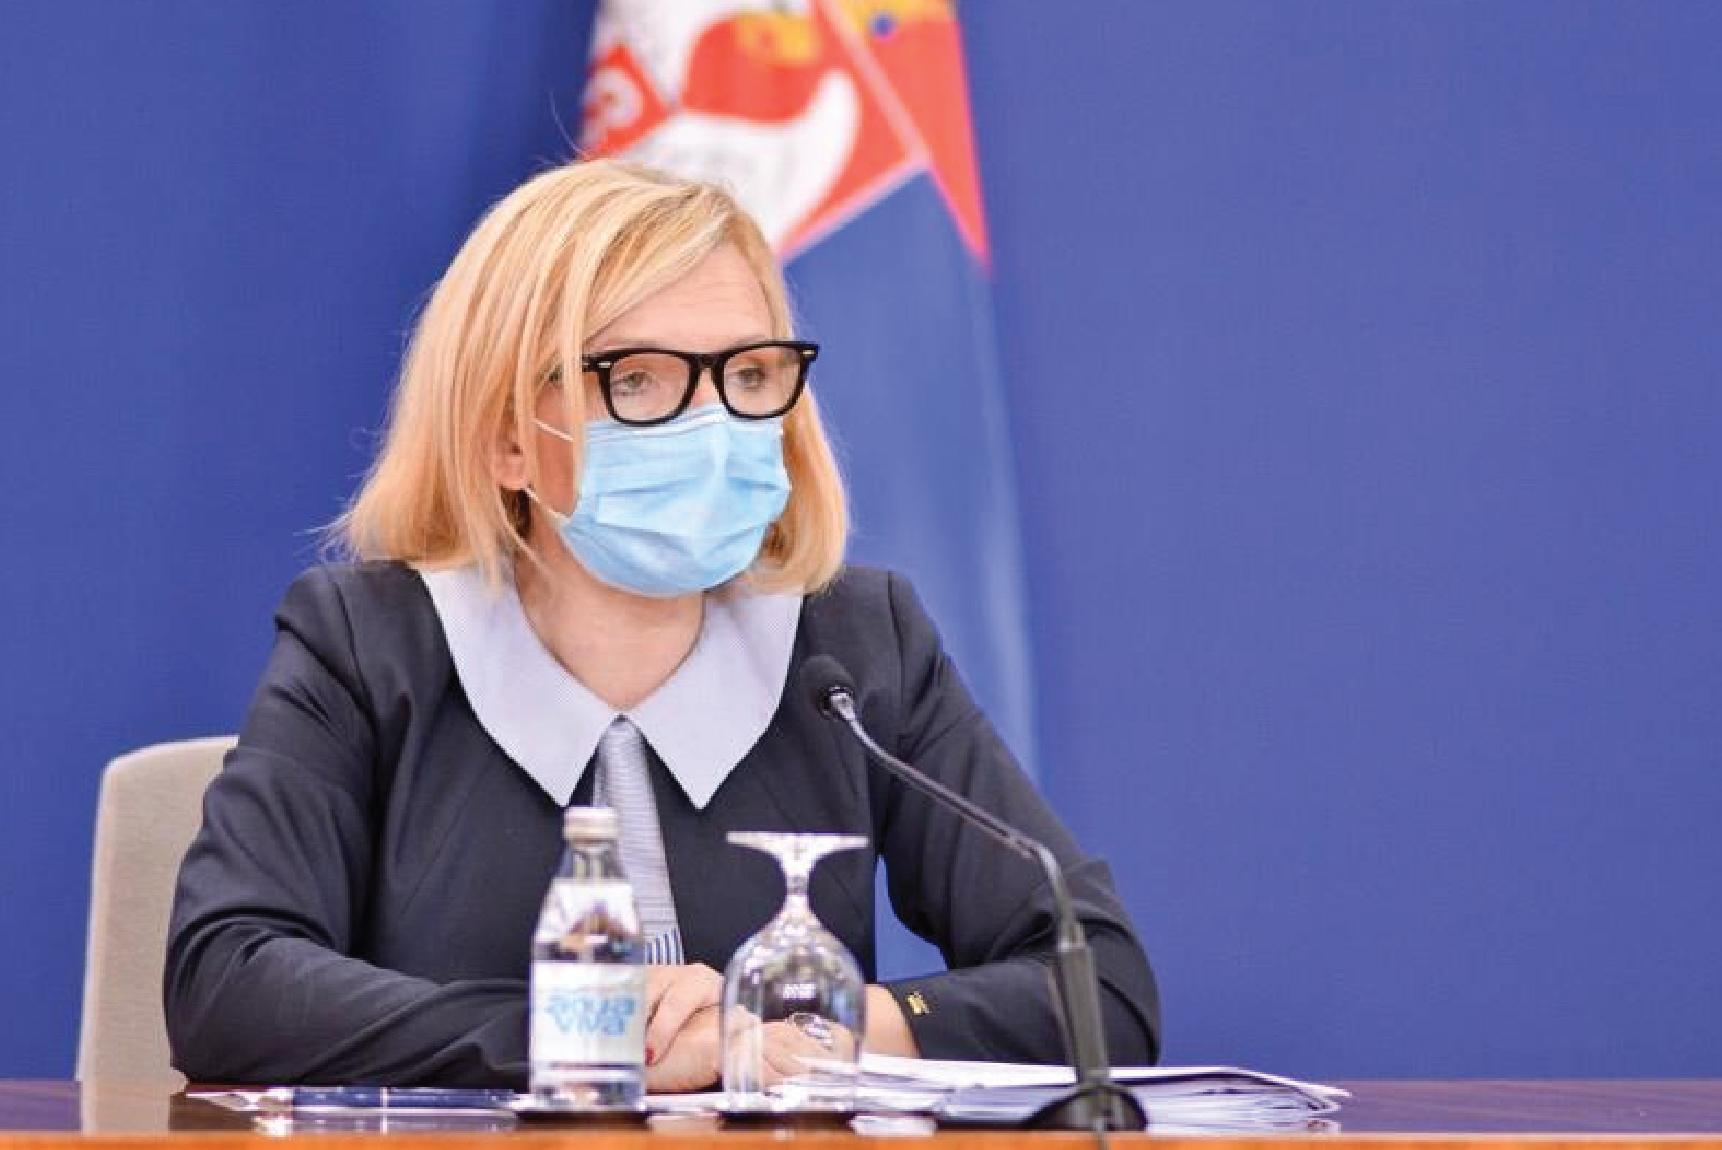 Јовановић: Маске за децу ако одлучи лекар